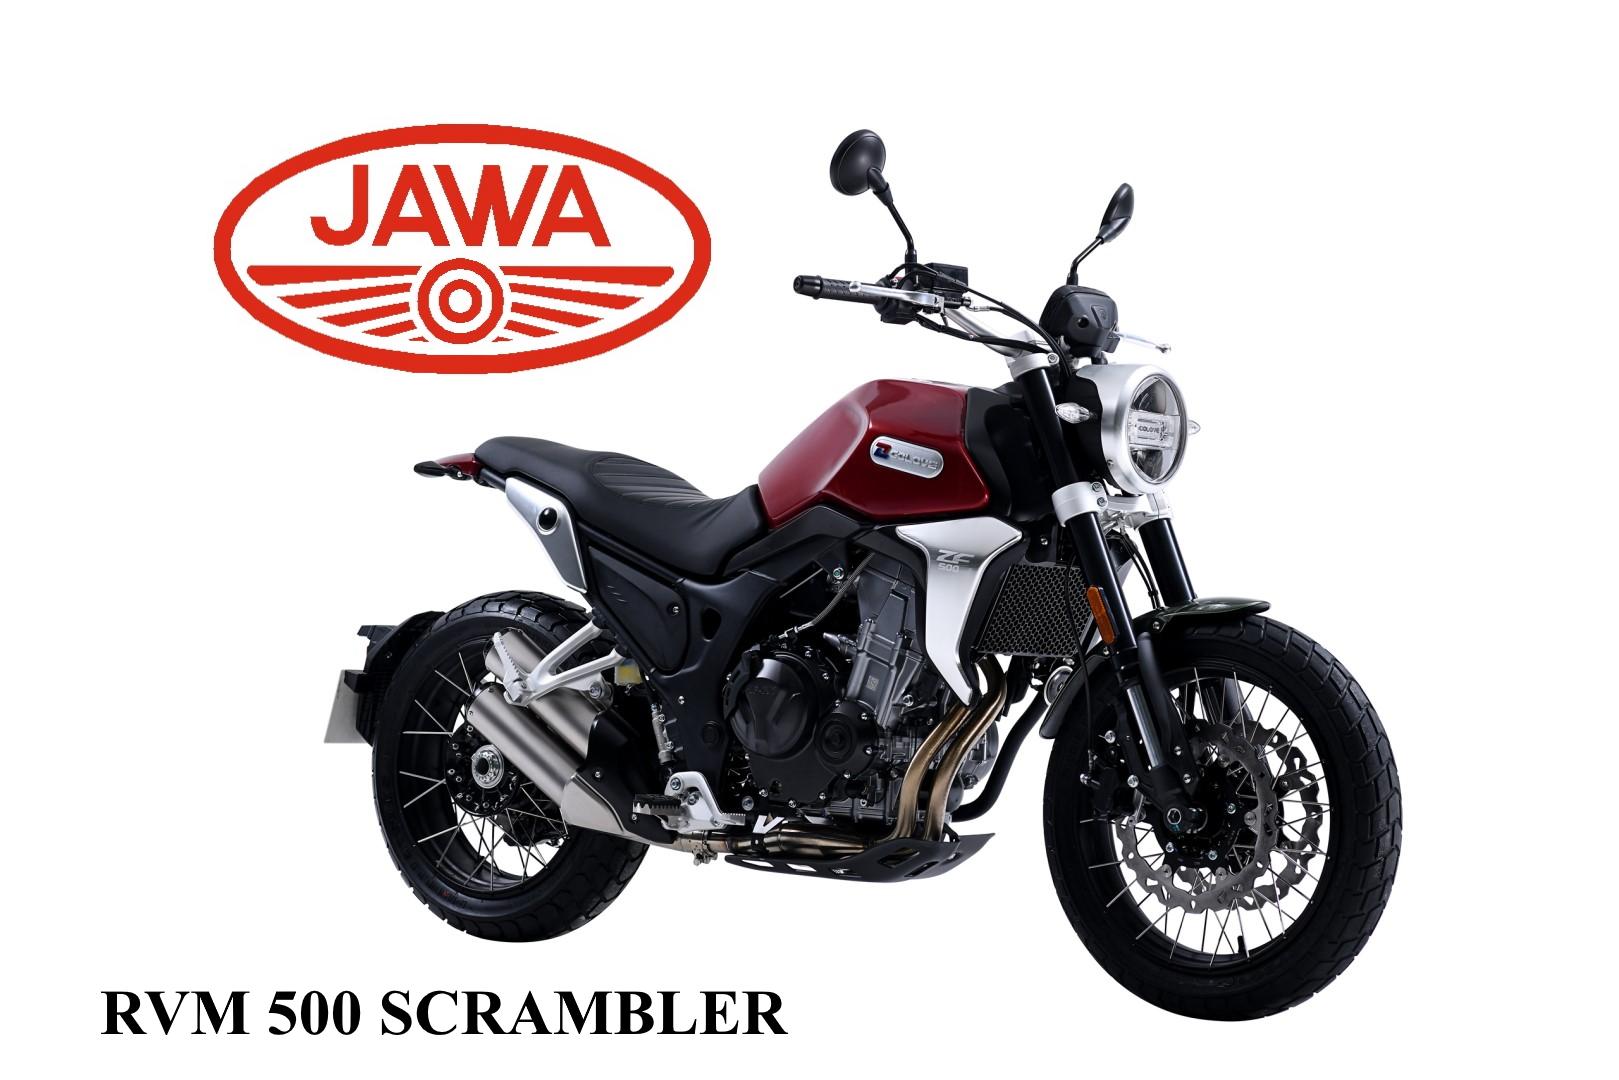 RVM 500 Scrambler